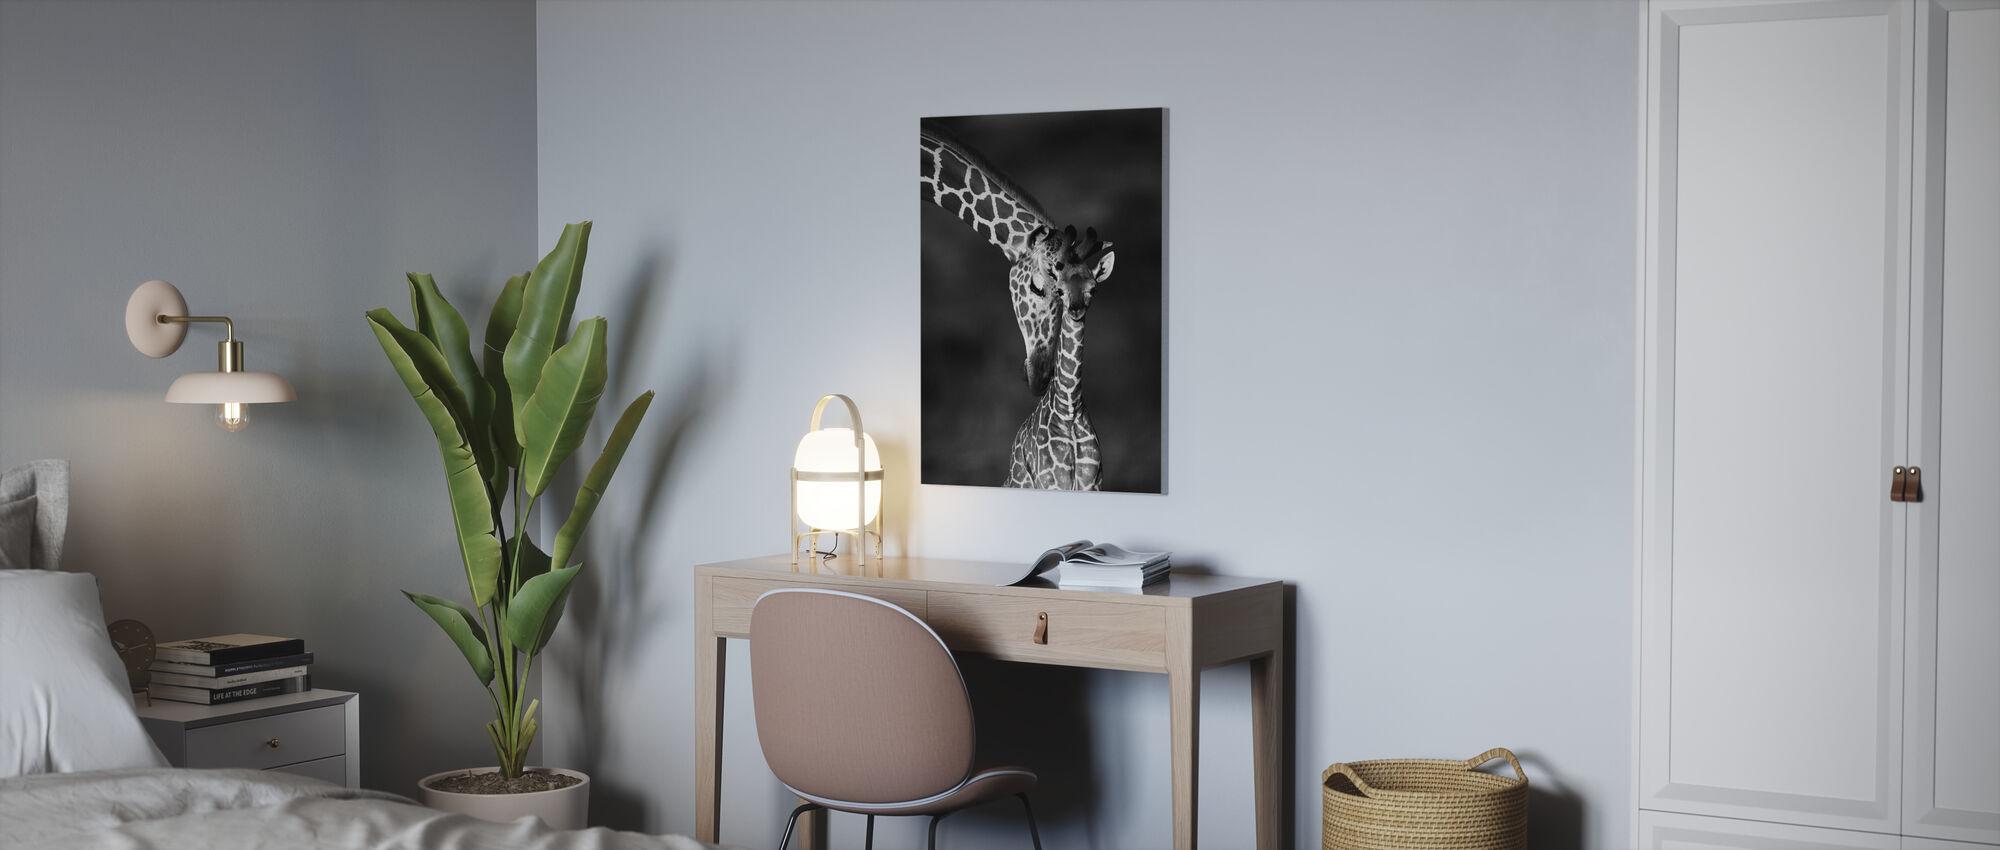 Giraffen - z/w - Canvas print - Kantoor